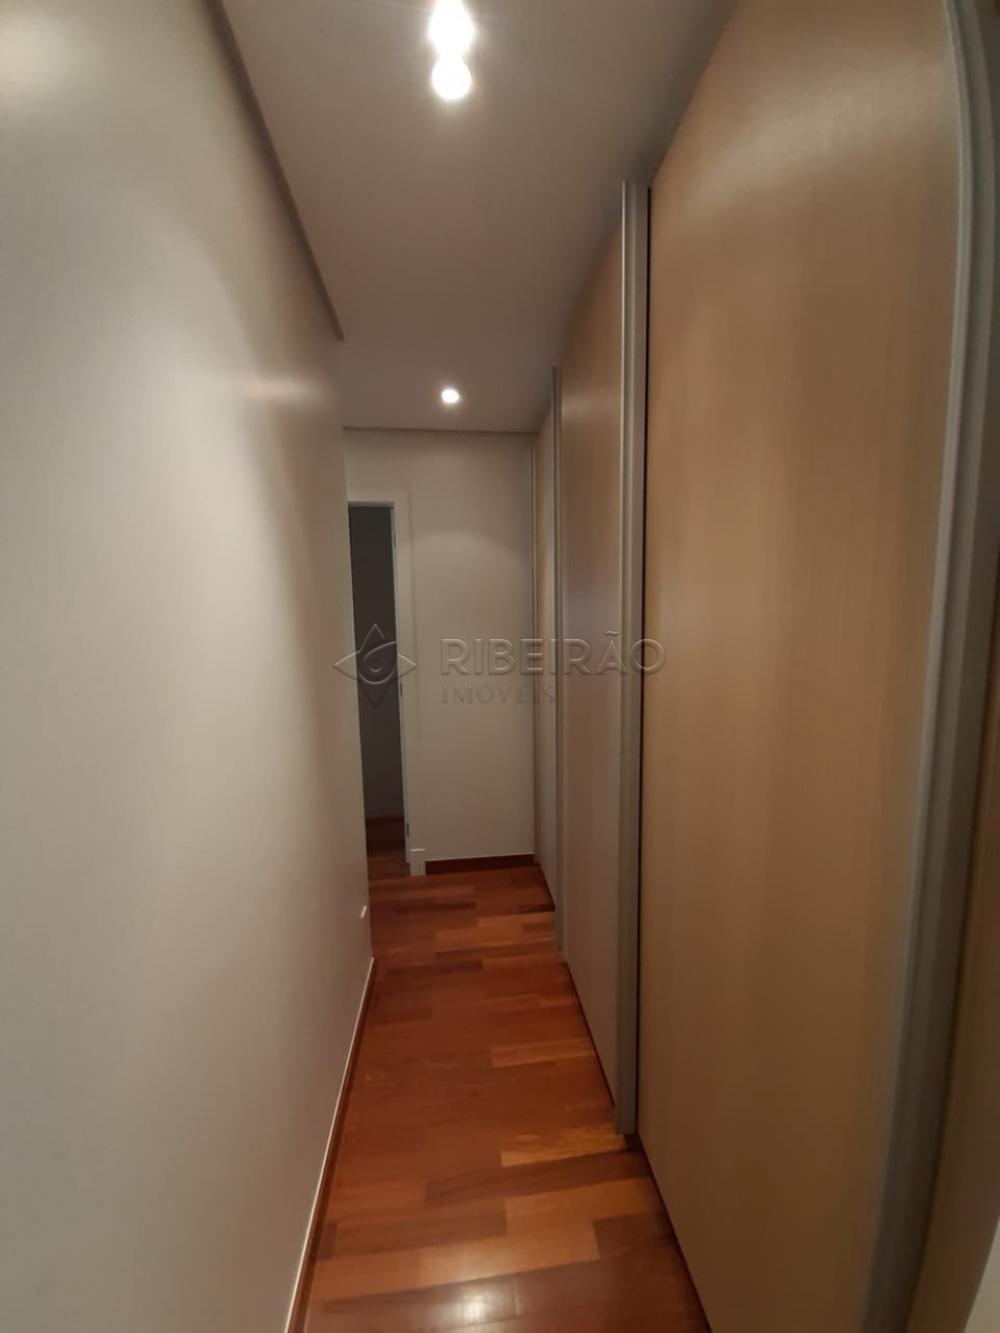 Comprar Apartamento / Padrão em Ribeirão Preto apenas R$ 1.400.000,00 - Foto 21